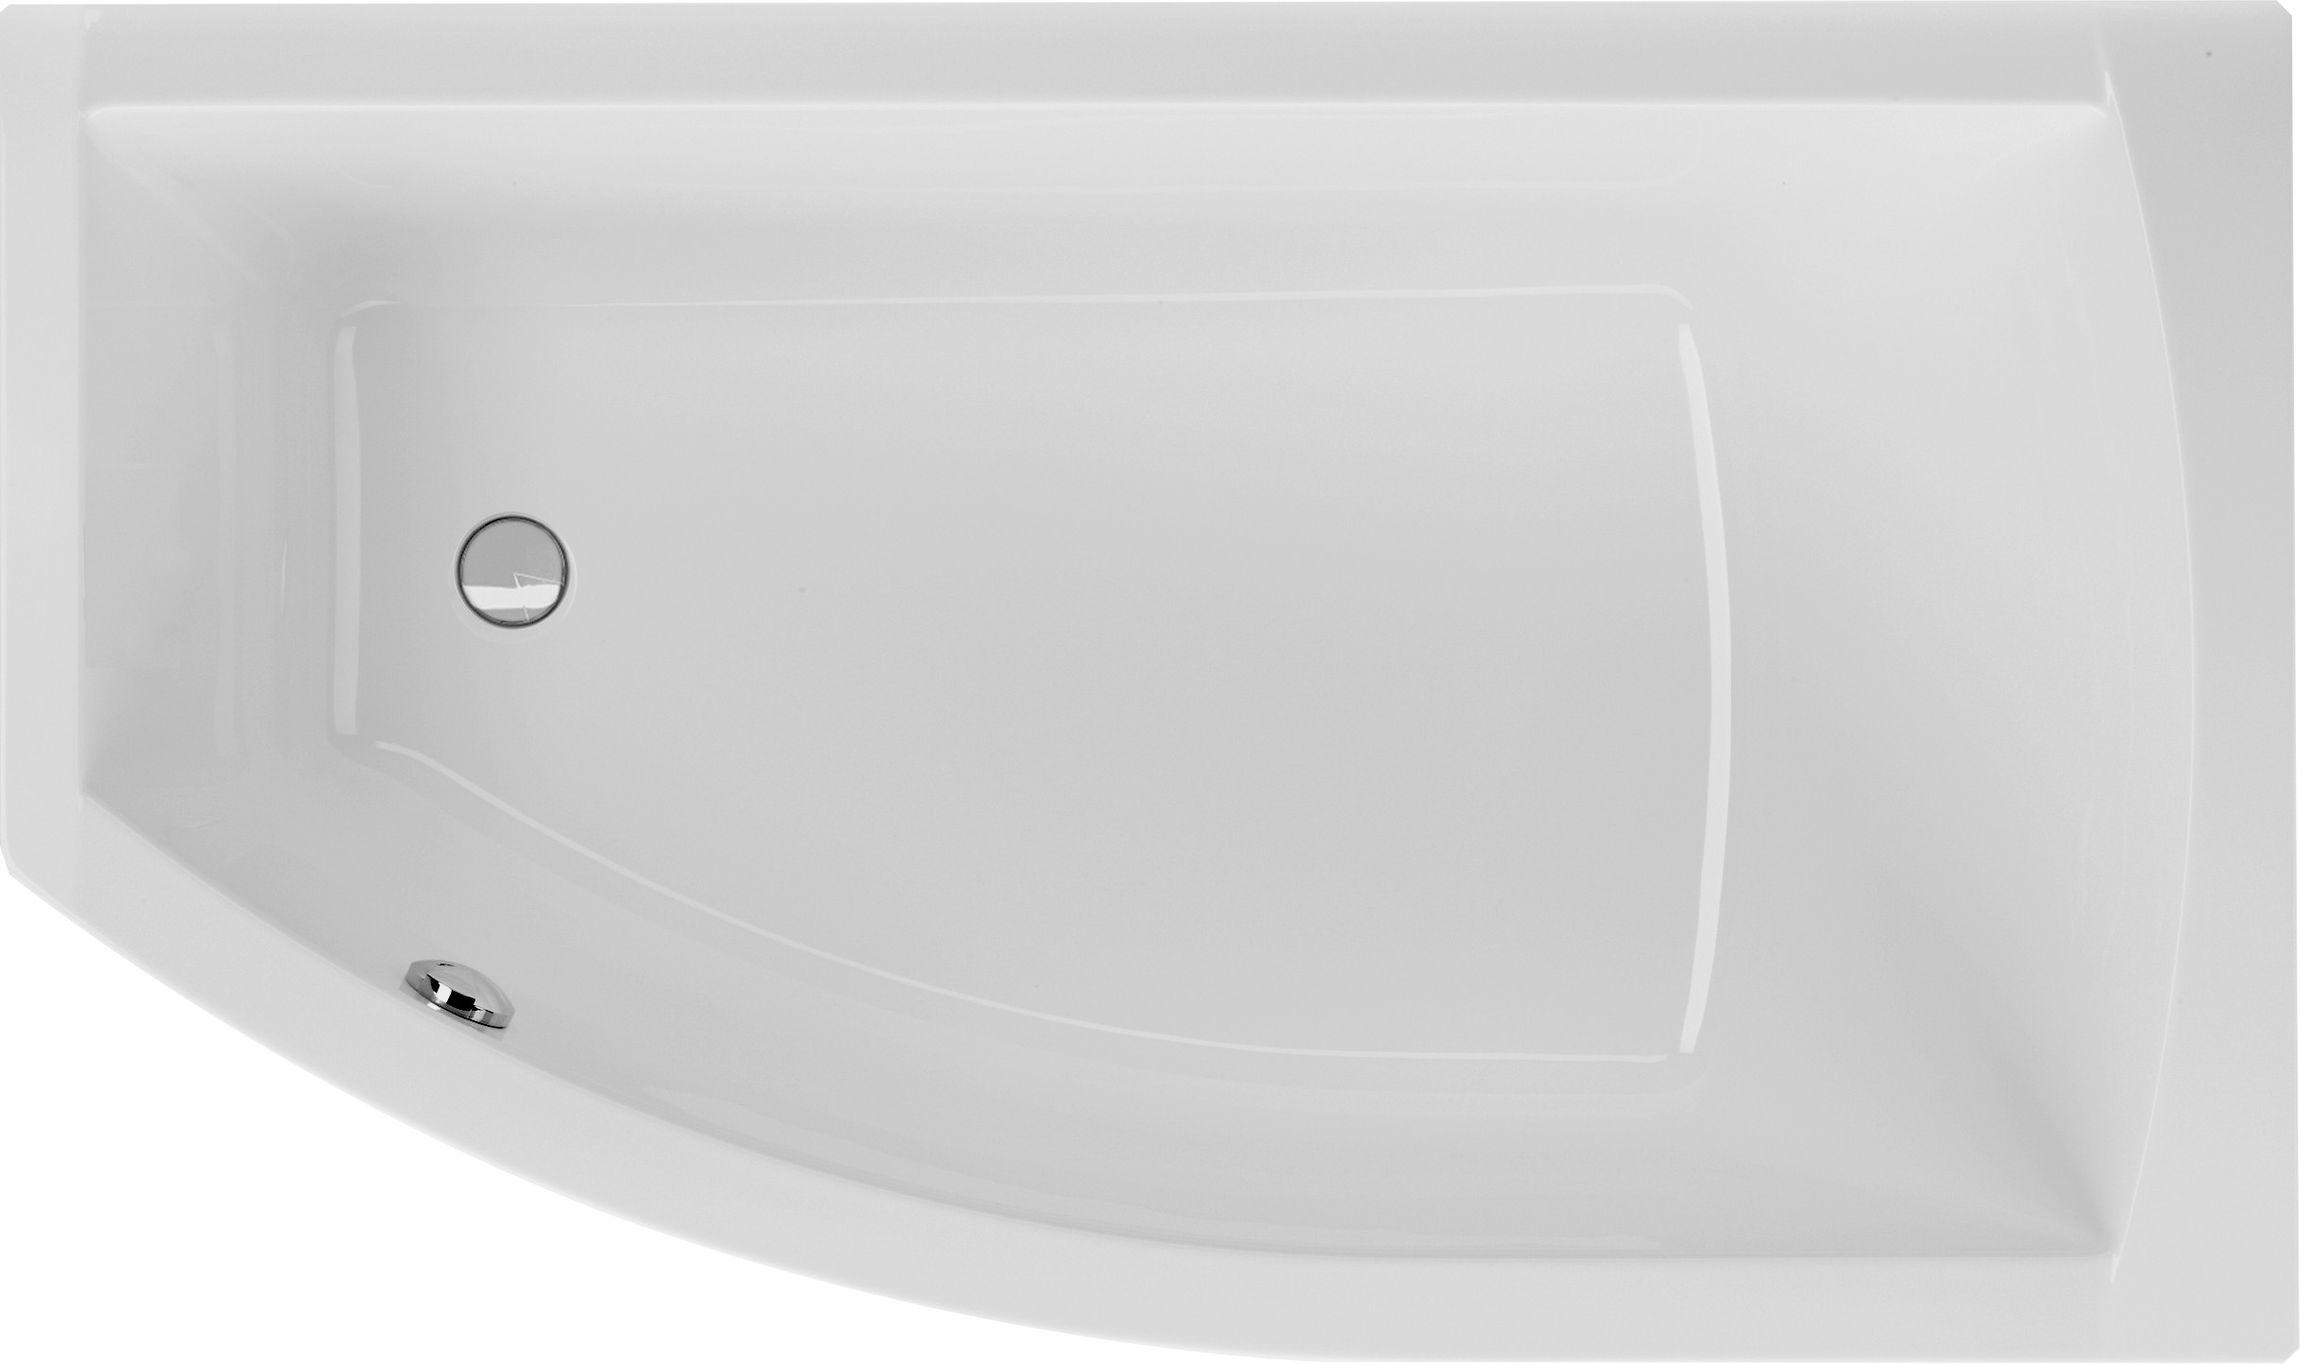 Raumsparbadewanne 150 x 85 cm asymmetrische Eckwanne Trapezform